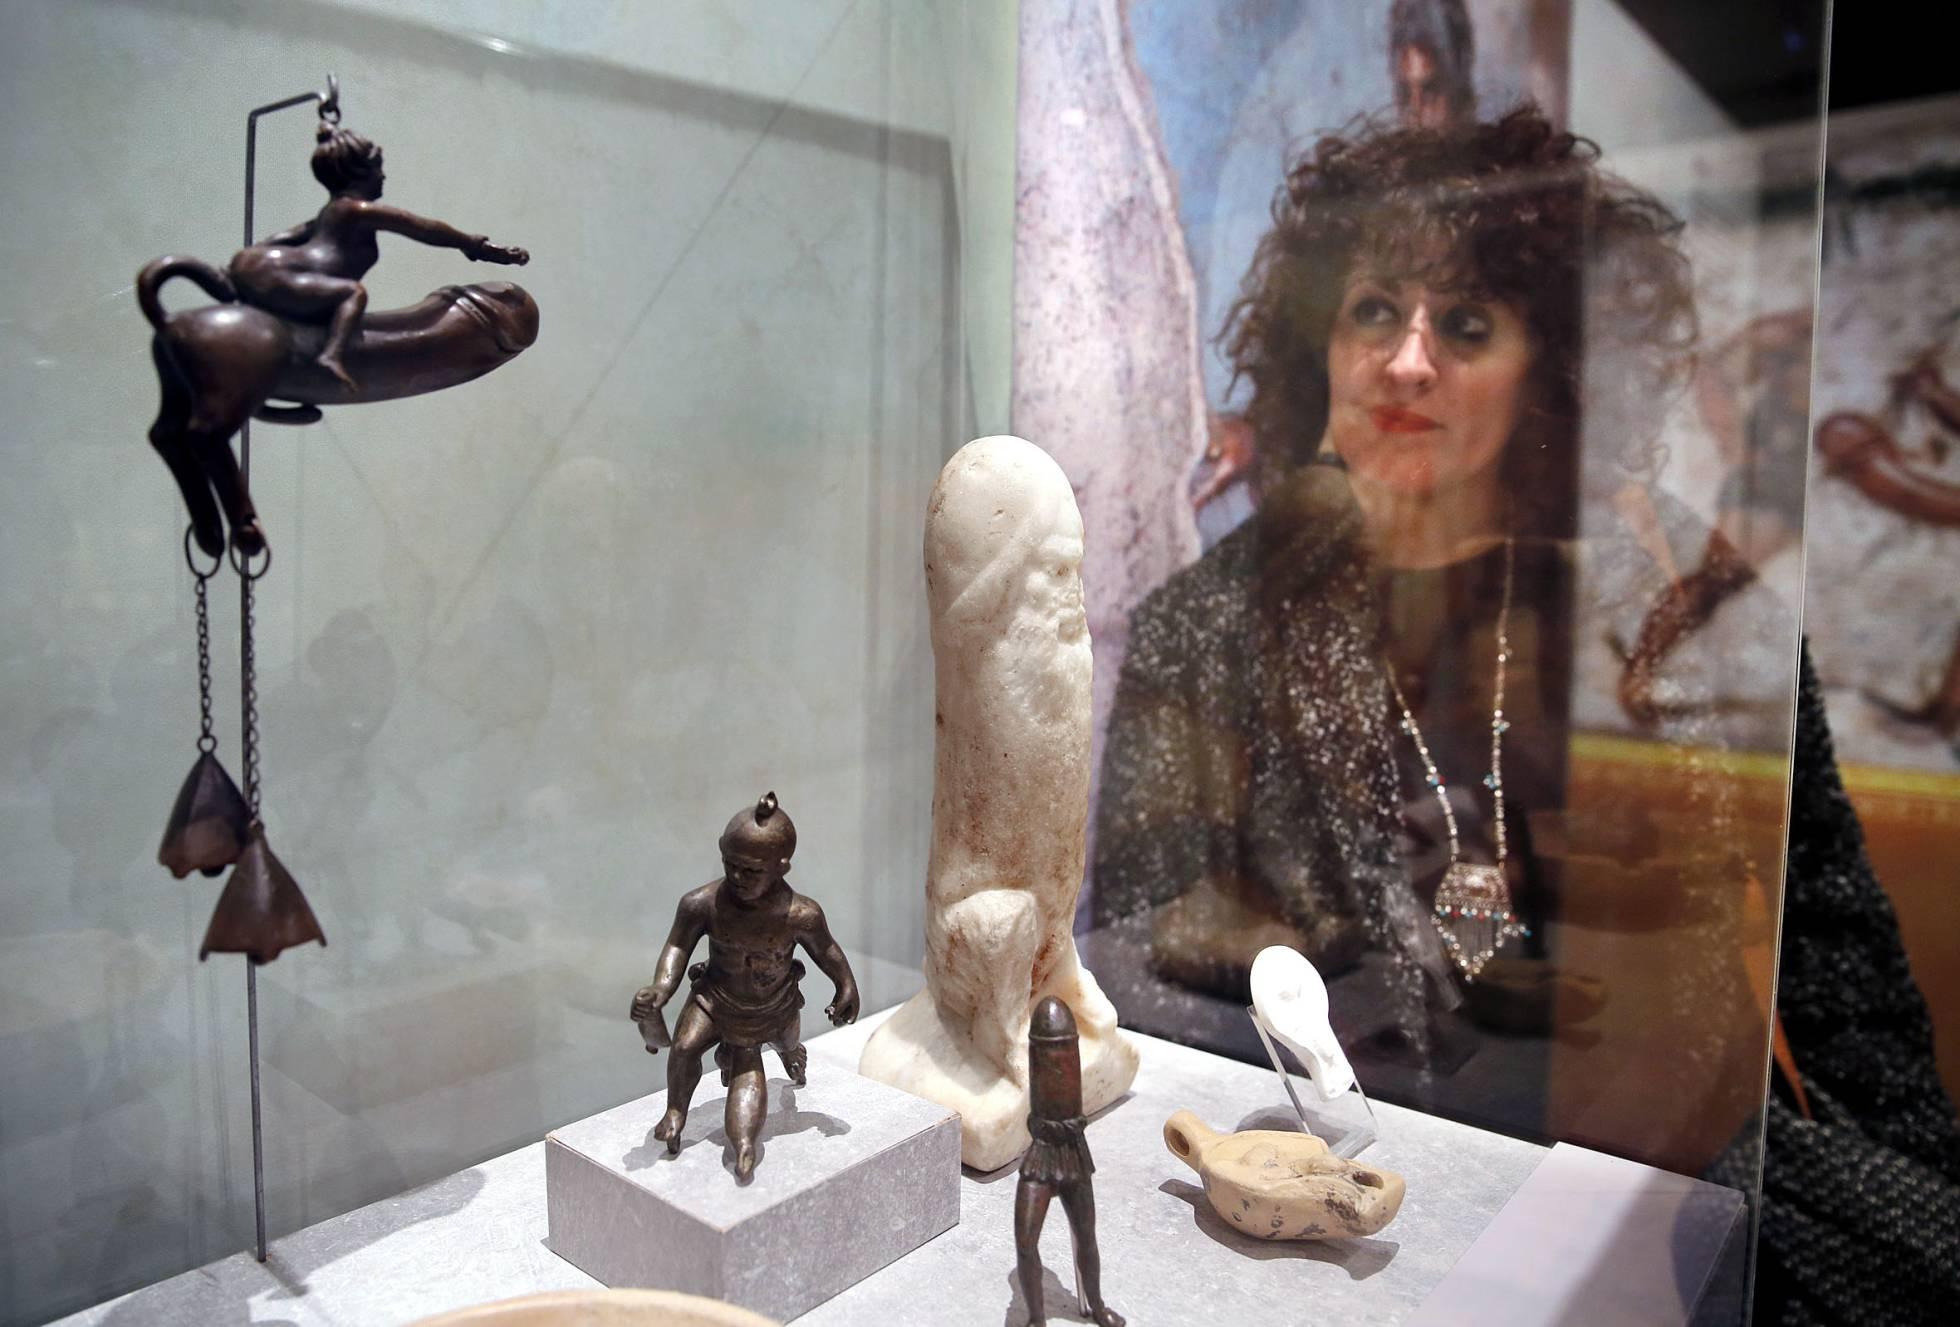 Matrimonio Segun Los Romanos : Cómo eran los romanos en la cama culturaclasica